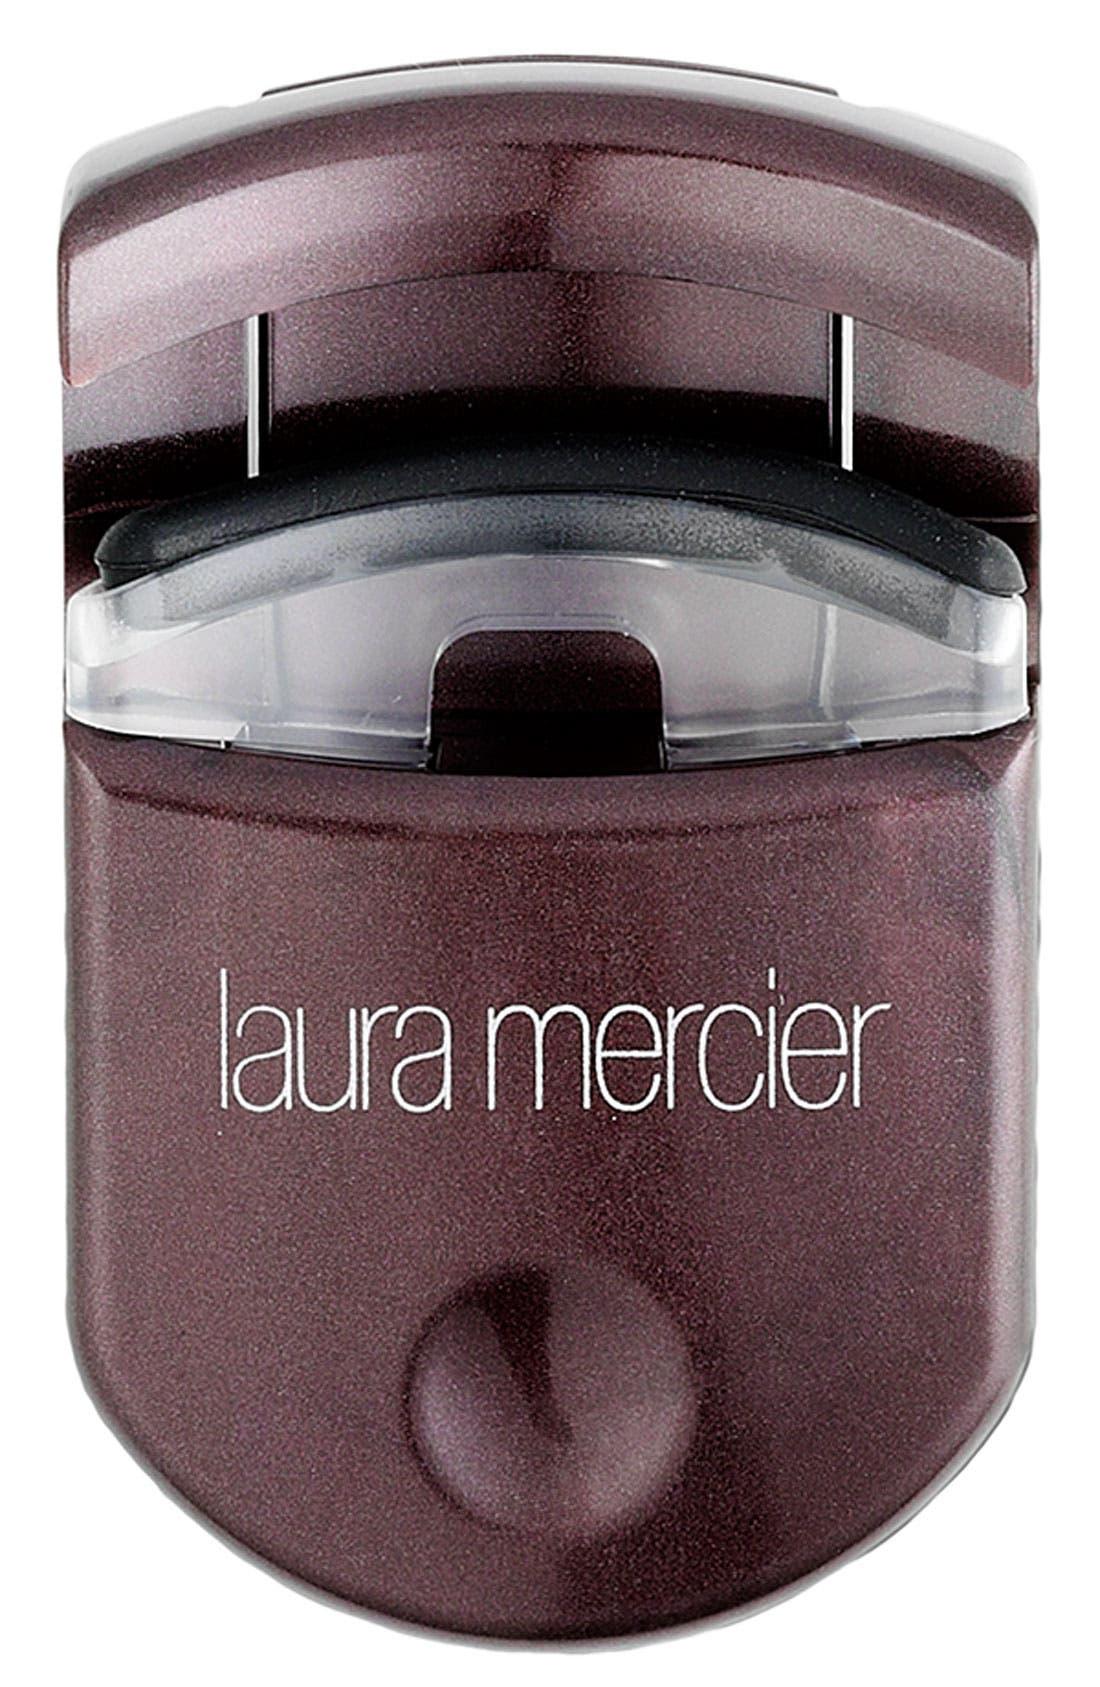 LAURA MERCIER Eyelash Curler, Main, color, NO COLOR